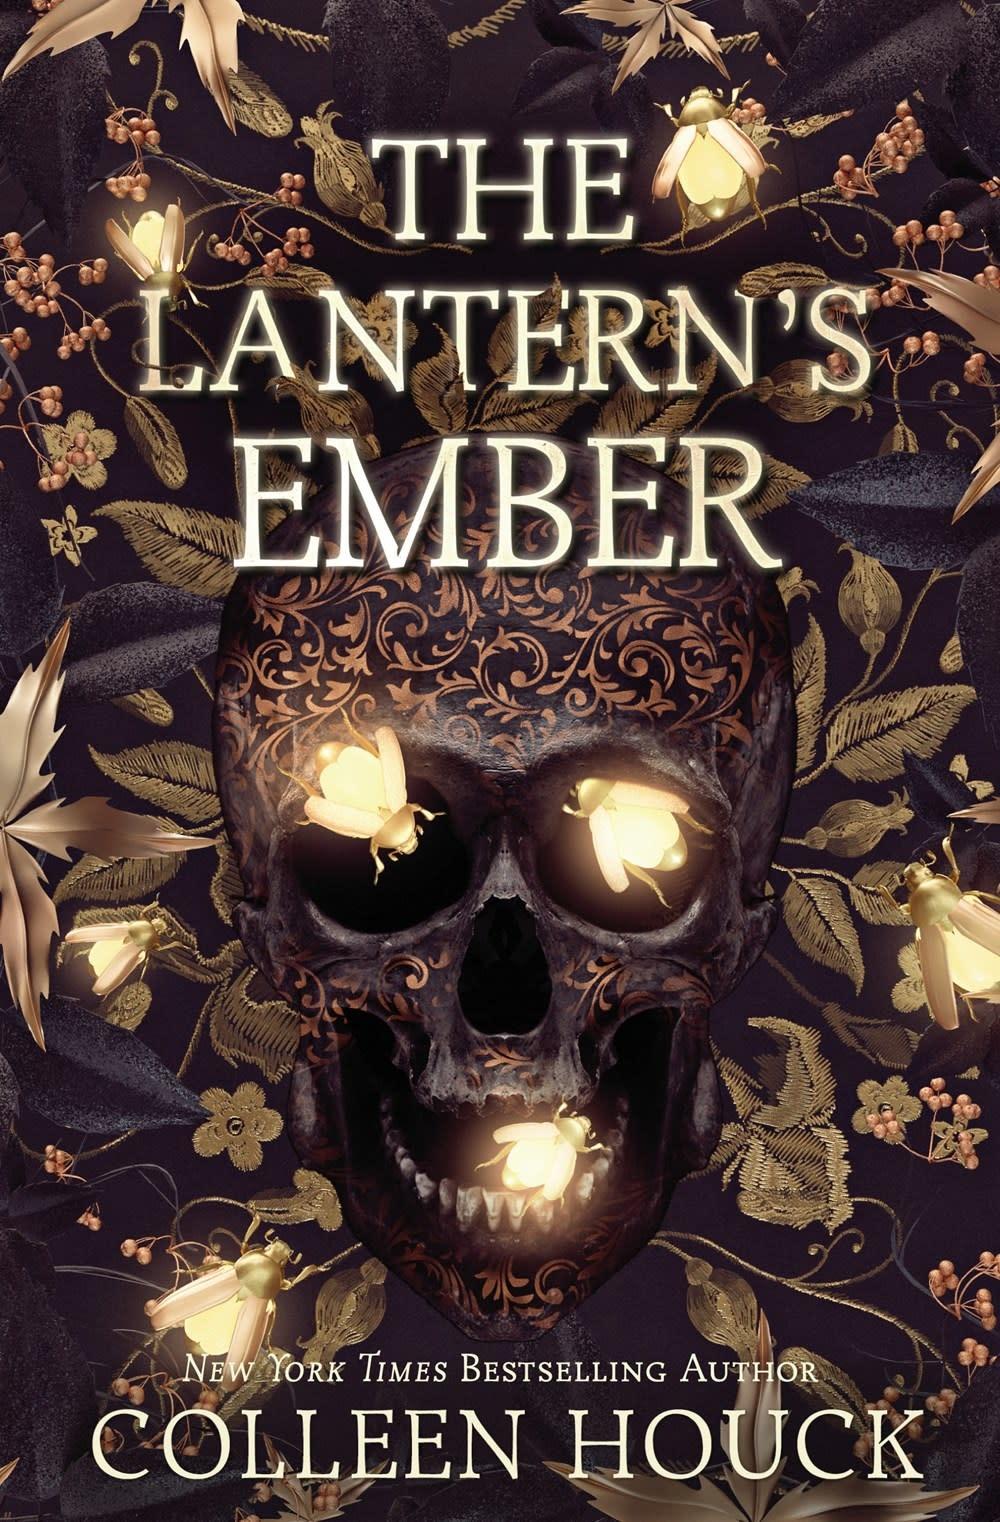 Ember The Lantern's Ember